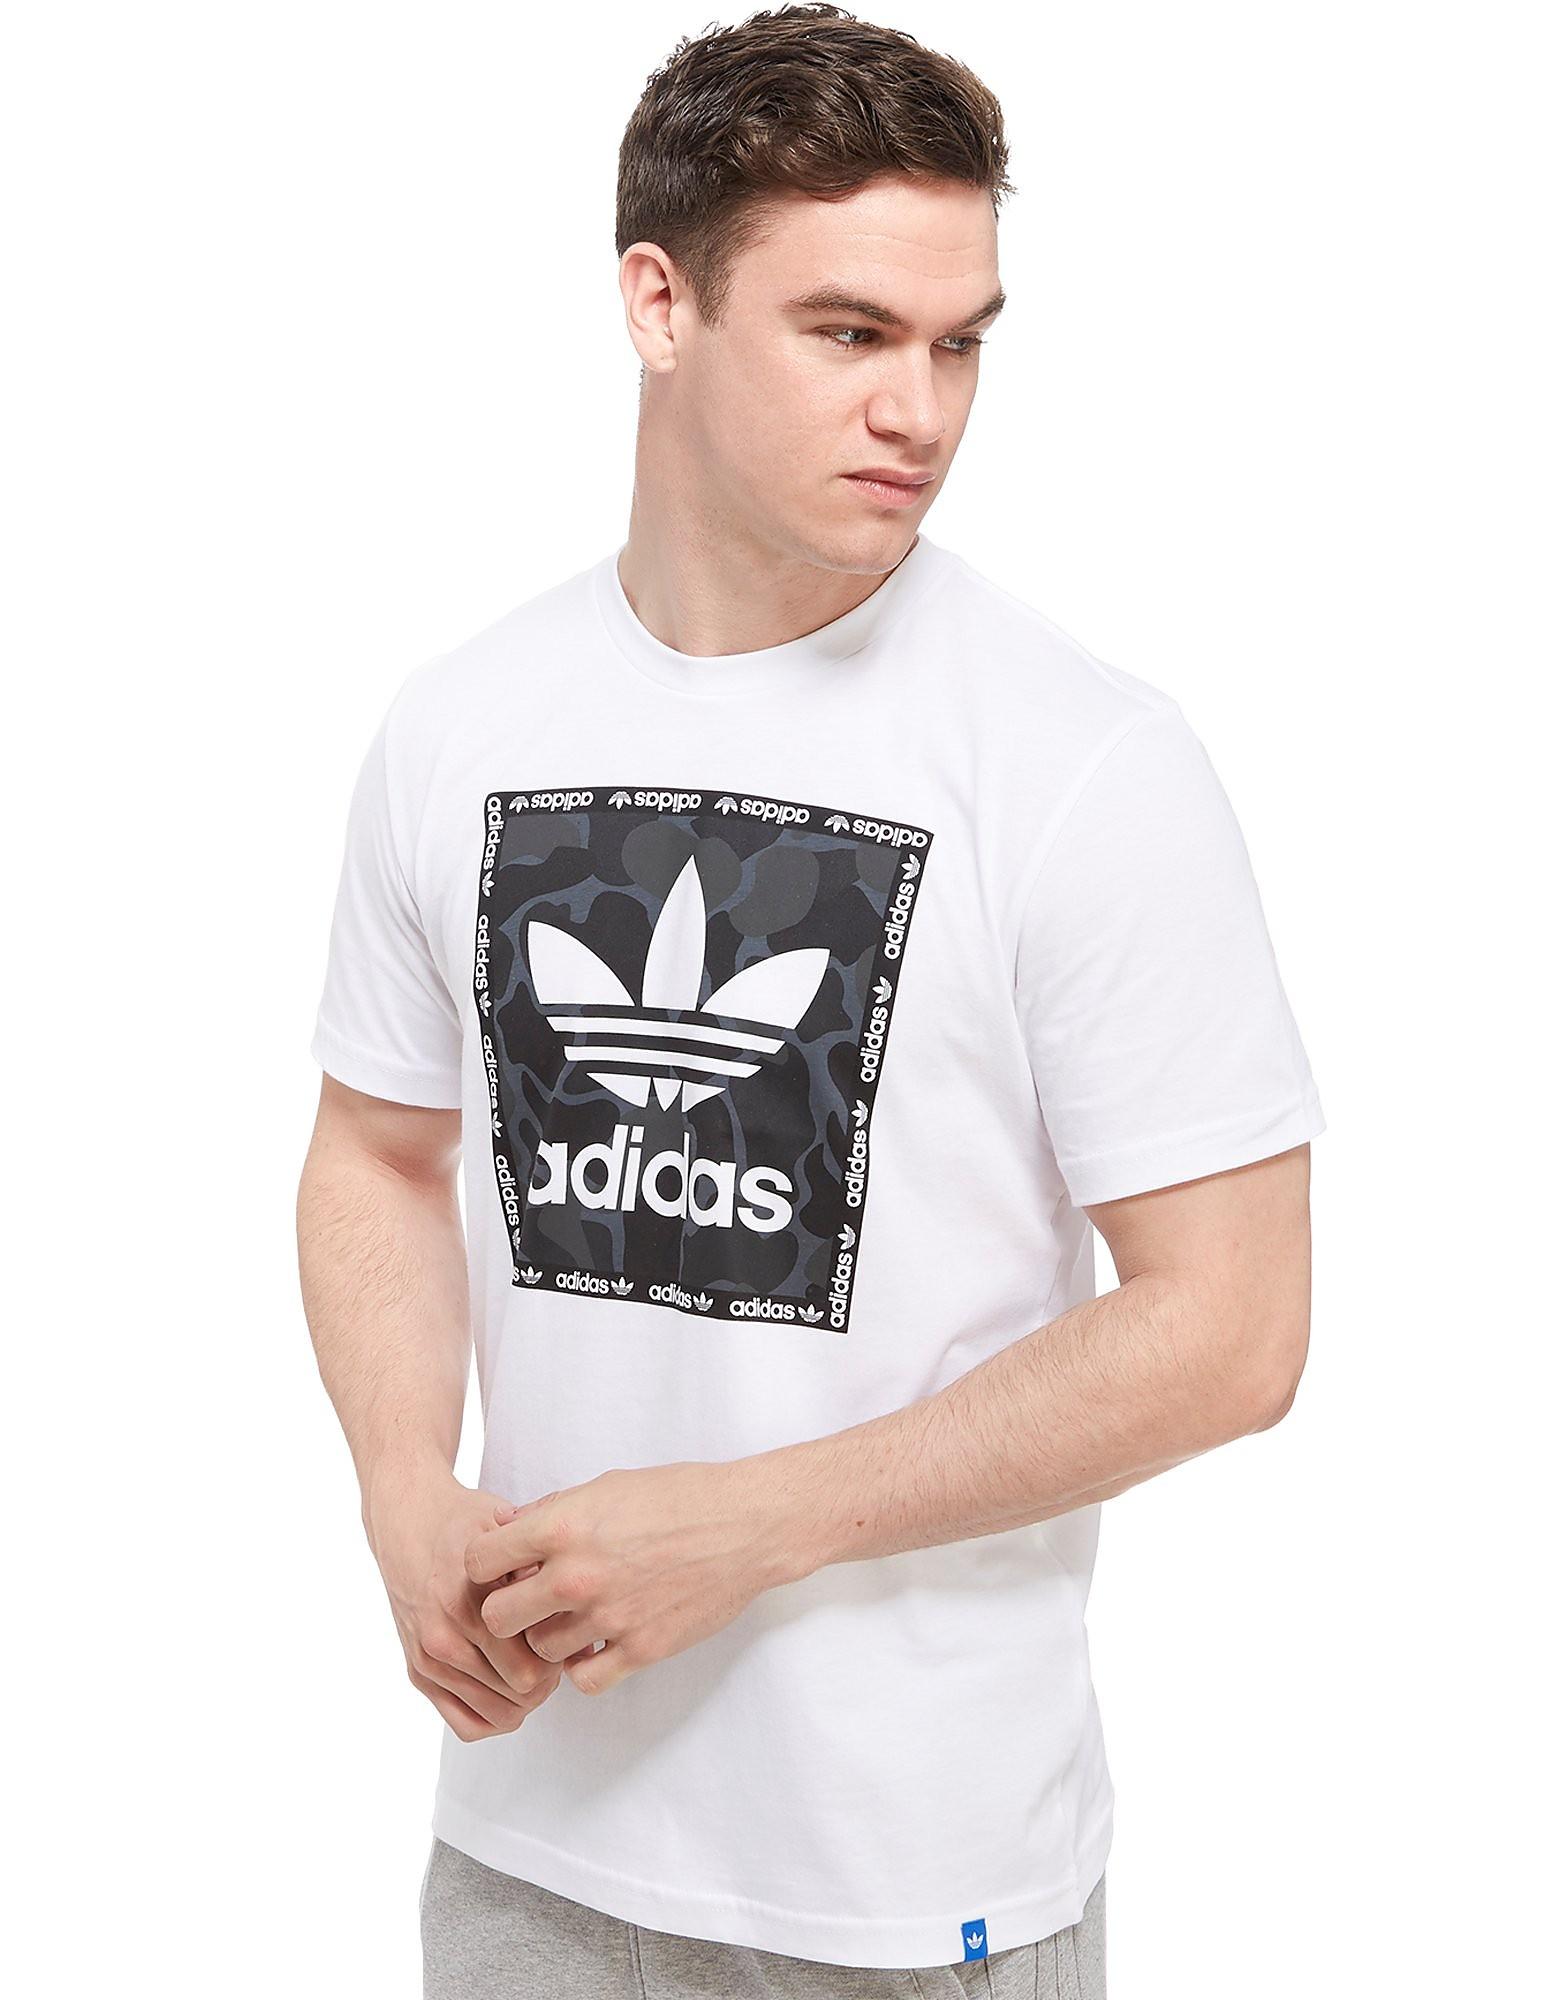 adidas Originals Trefoil Camo Box T-Shirt